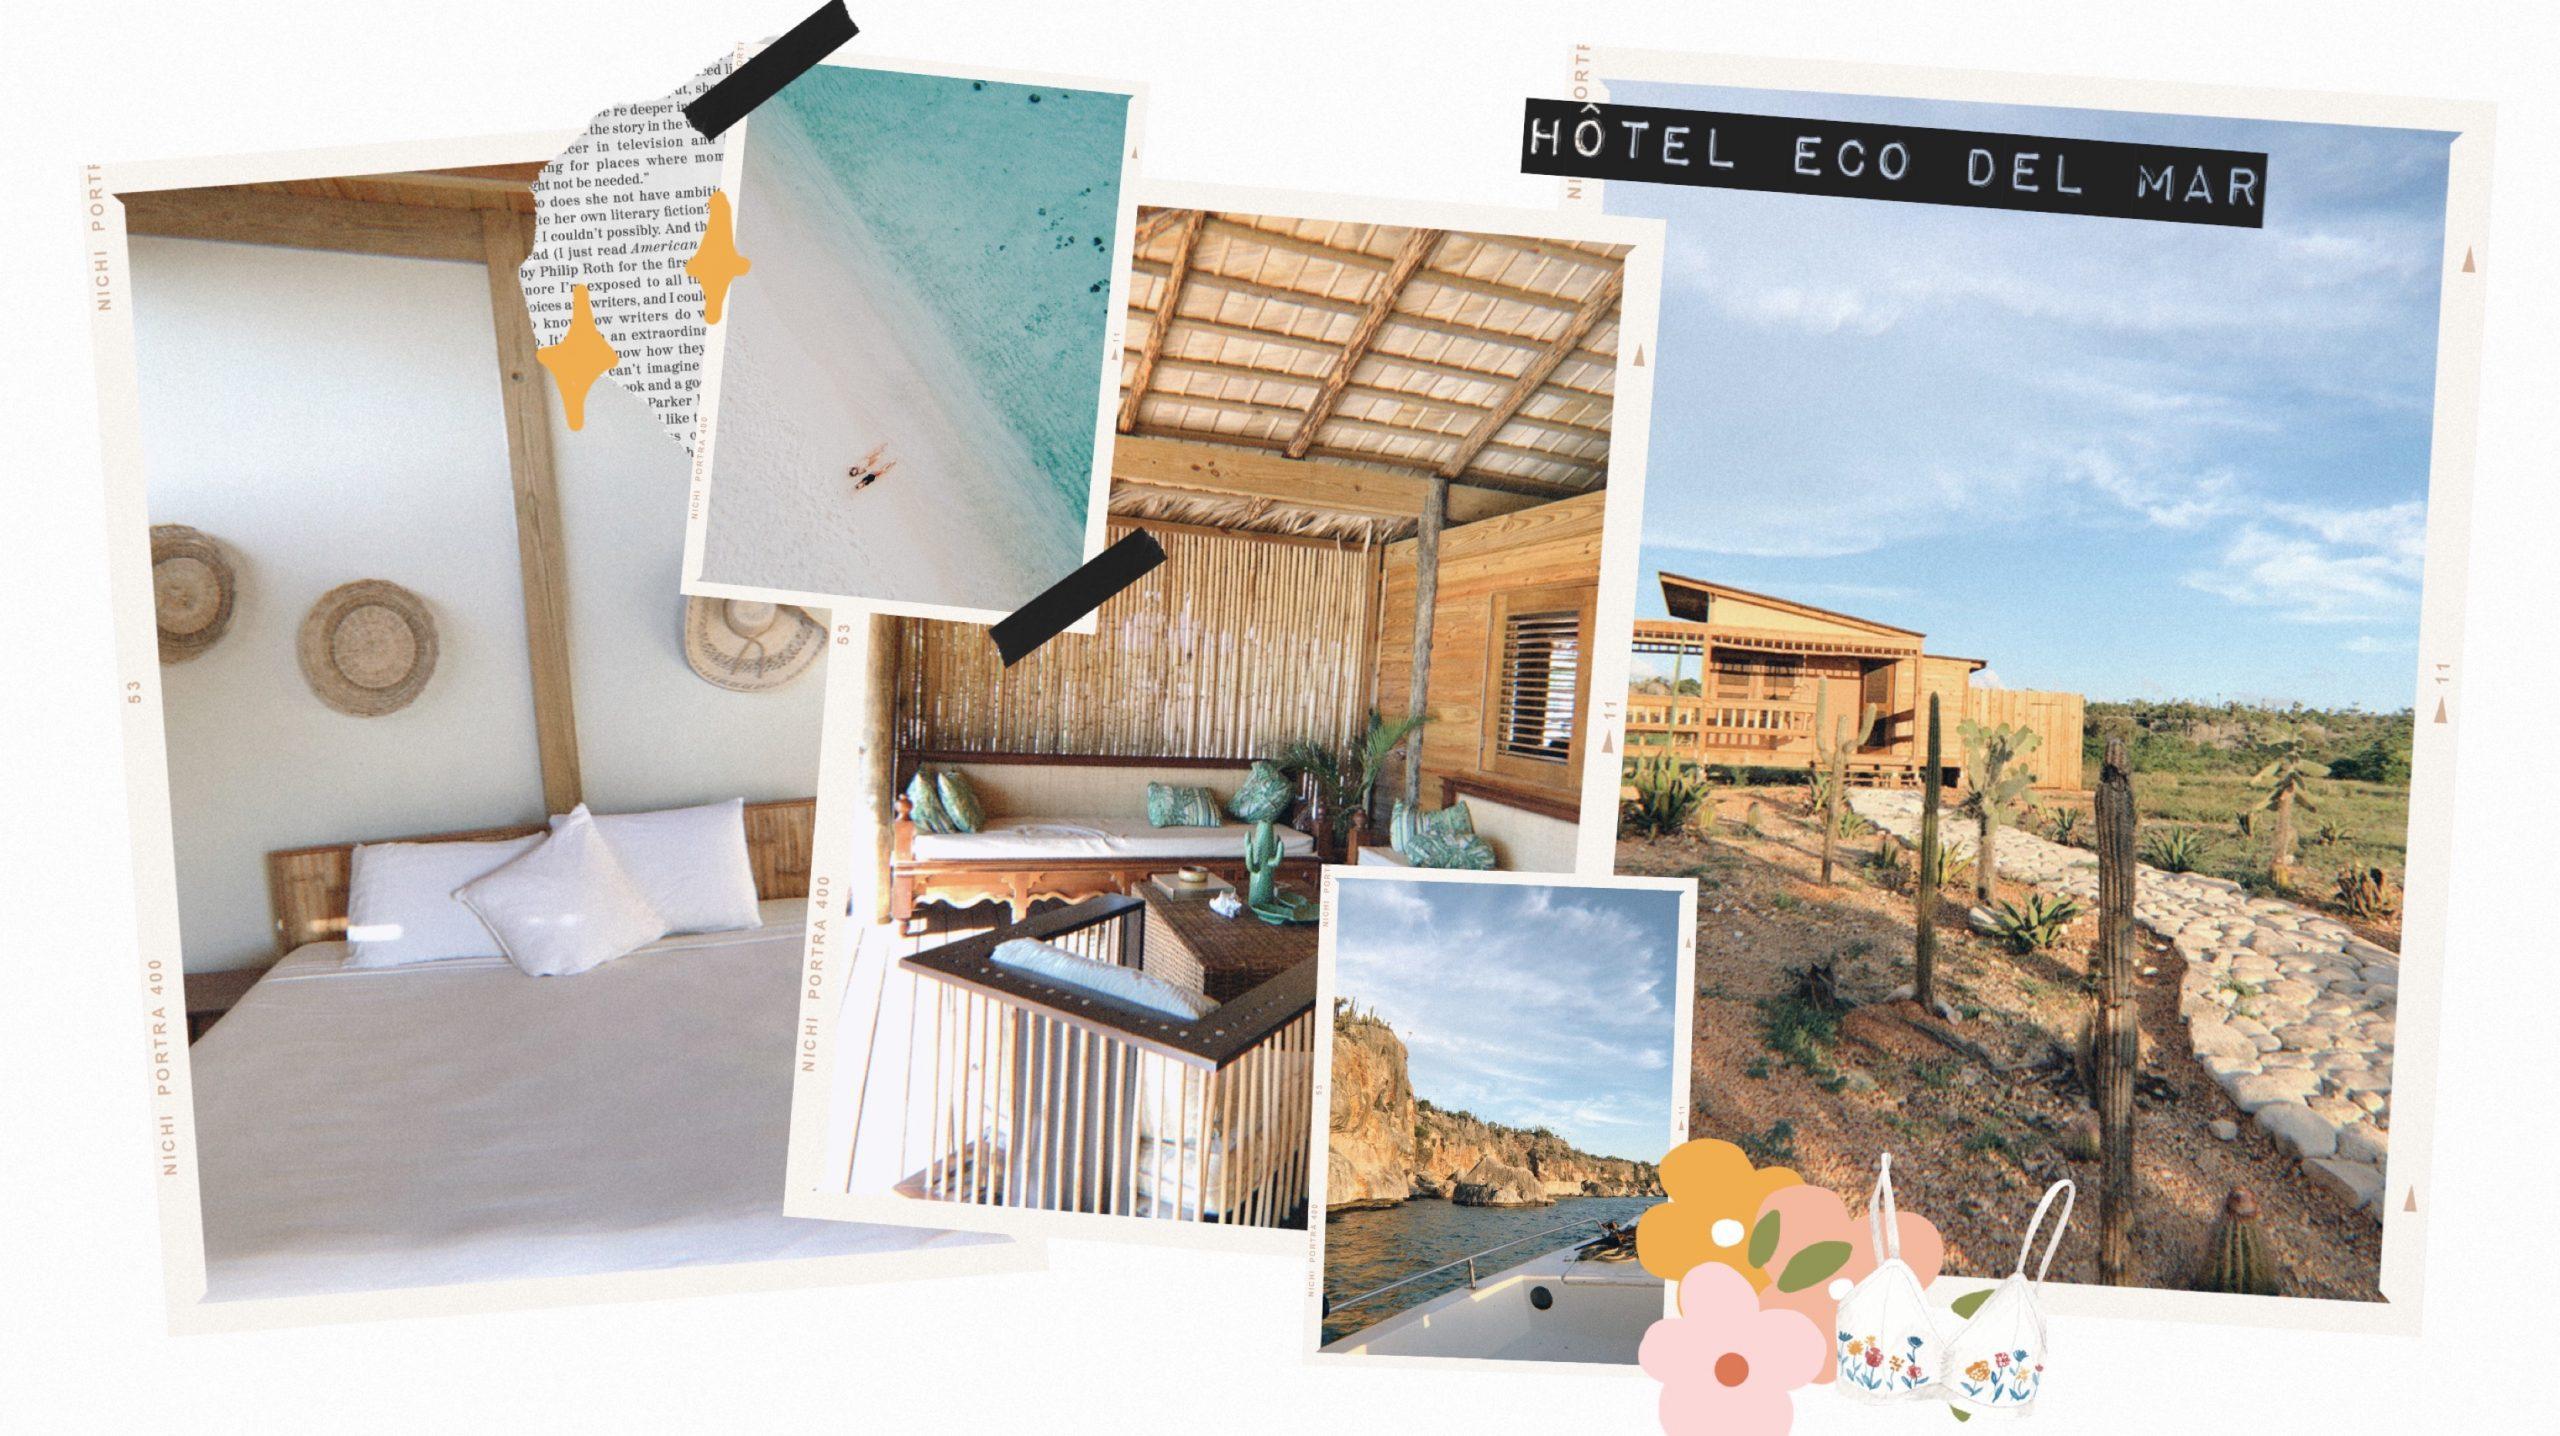 république dominicaine hôtel Eco del Mar